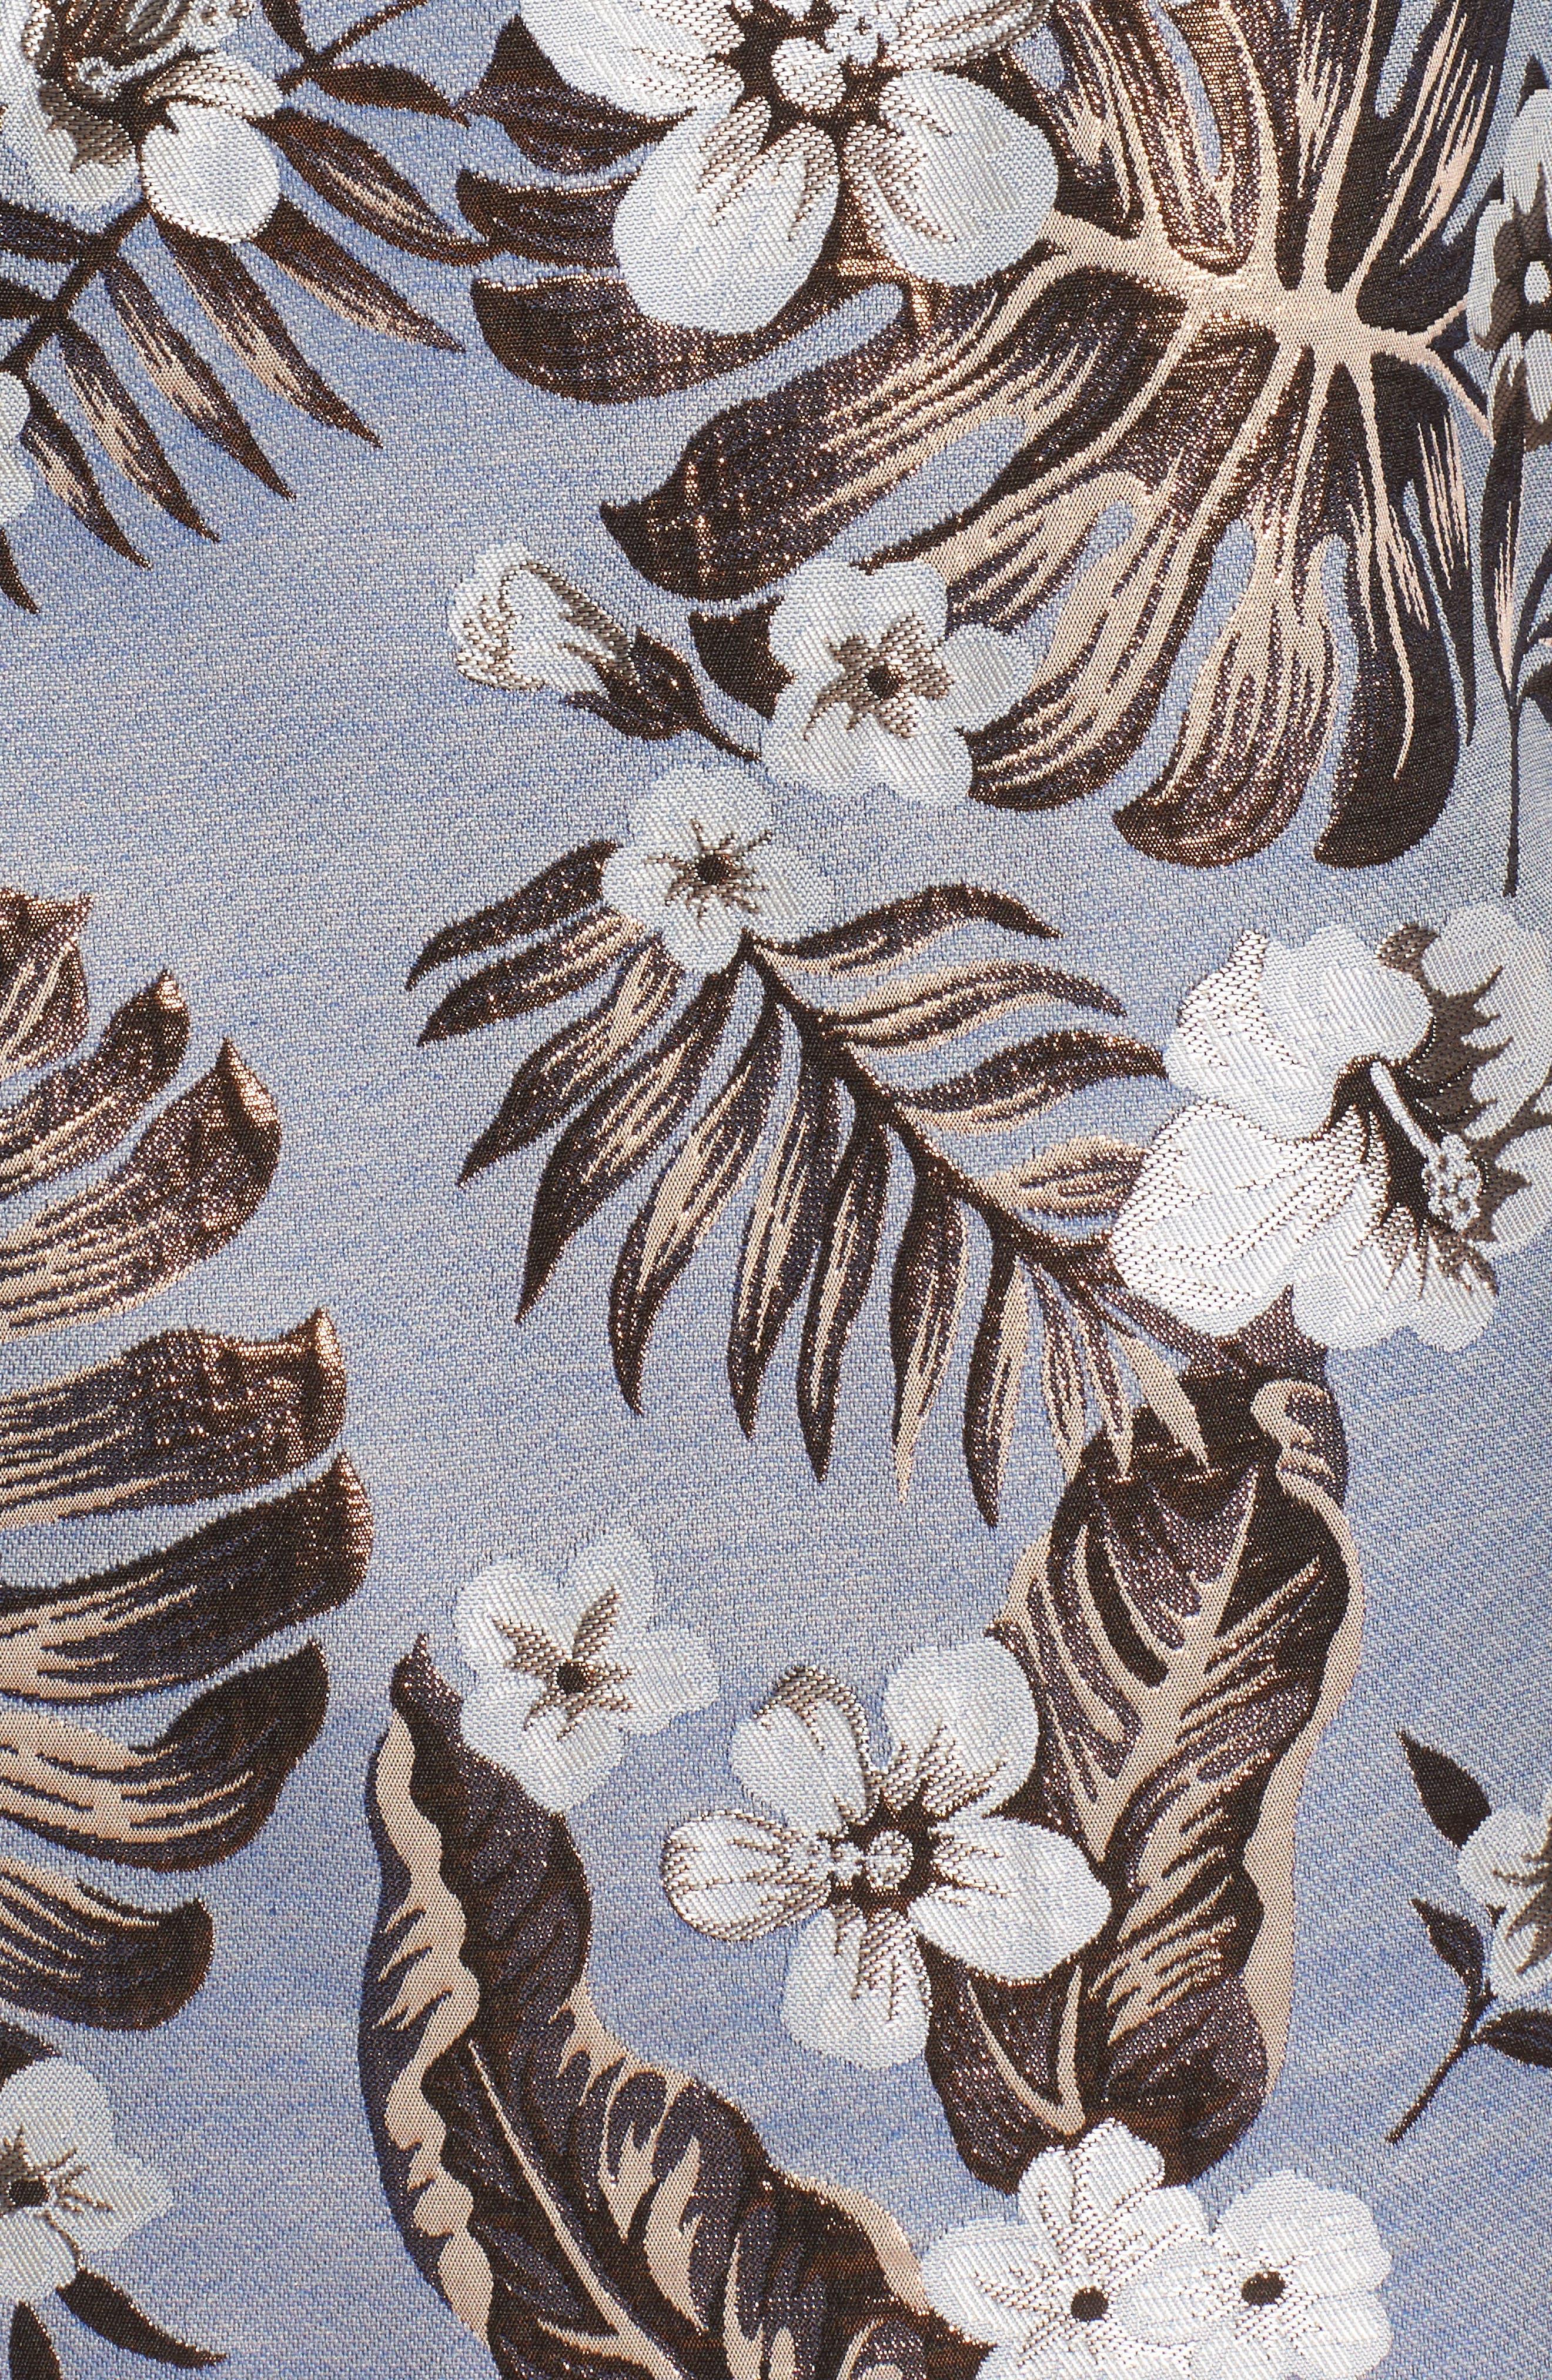 Solaire Sheath Dress,                             Alternate thumbnail 5, color,                             Denim